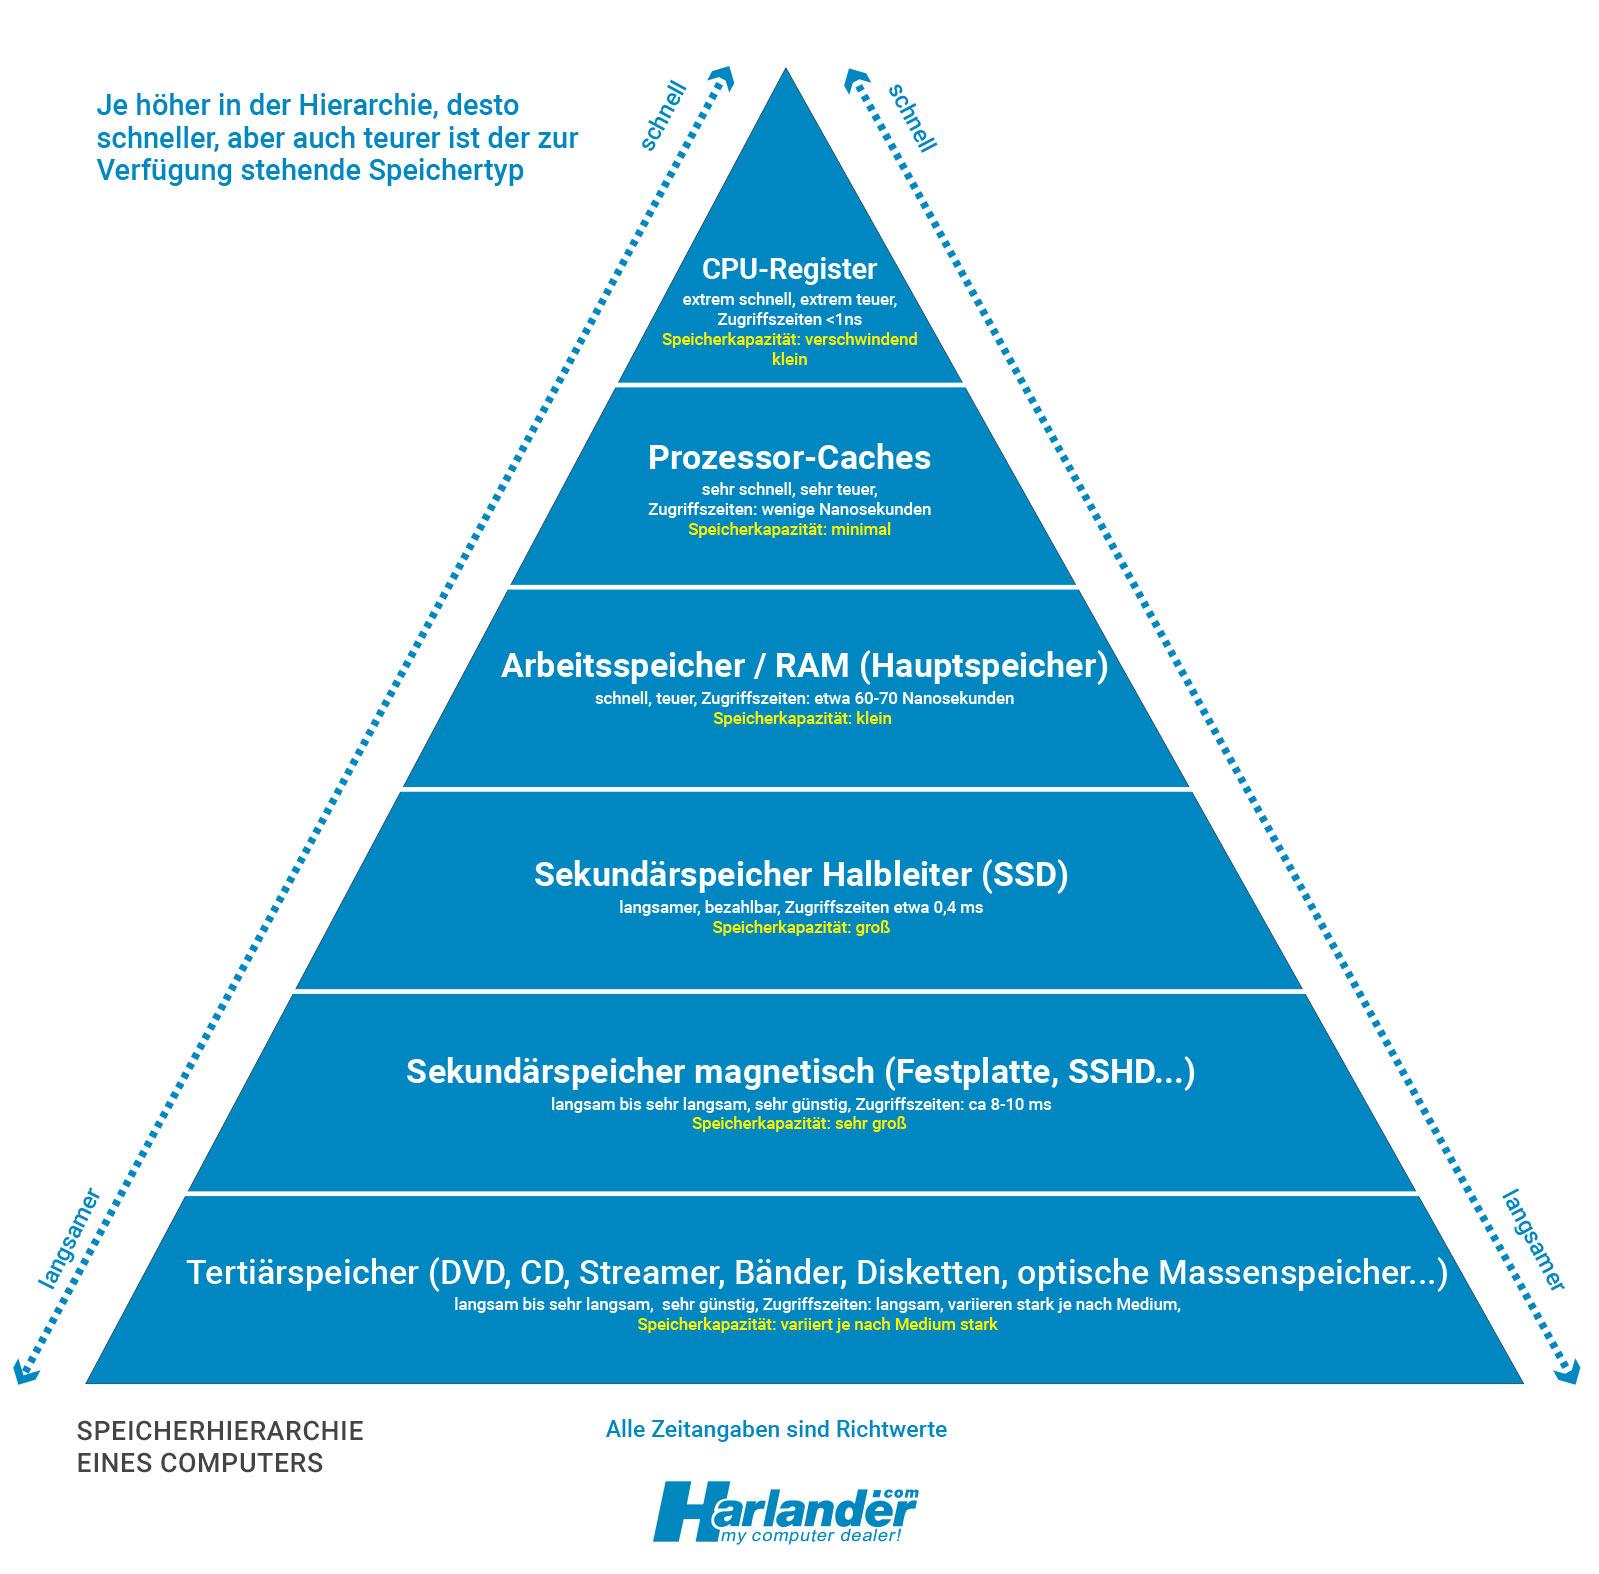 Was die Speicherverwaltung zunächst einmal vorfindet: Die Speicherhierarchie eines Computers.